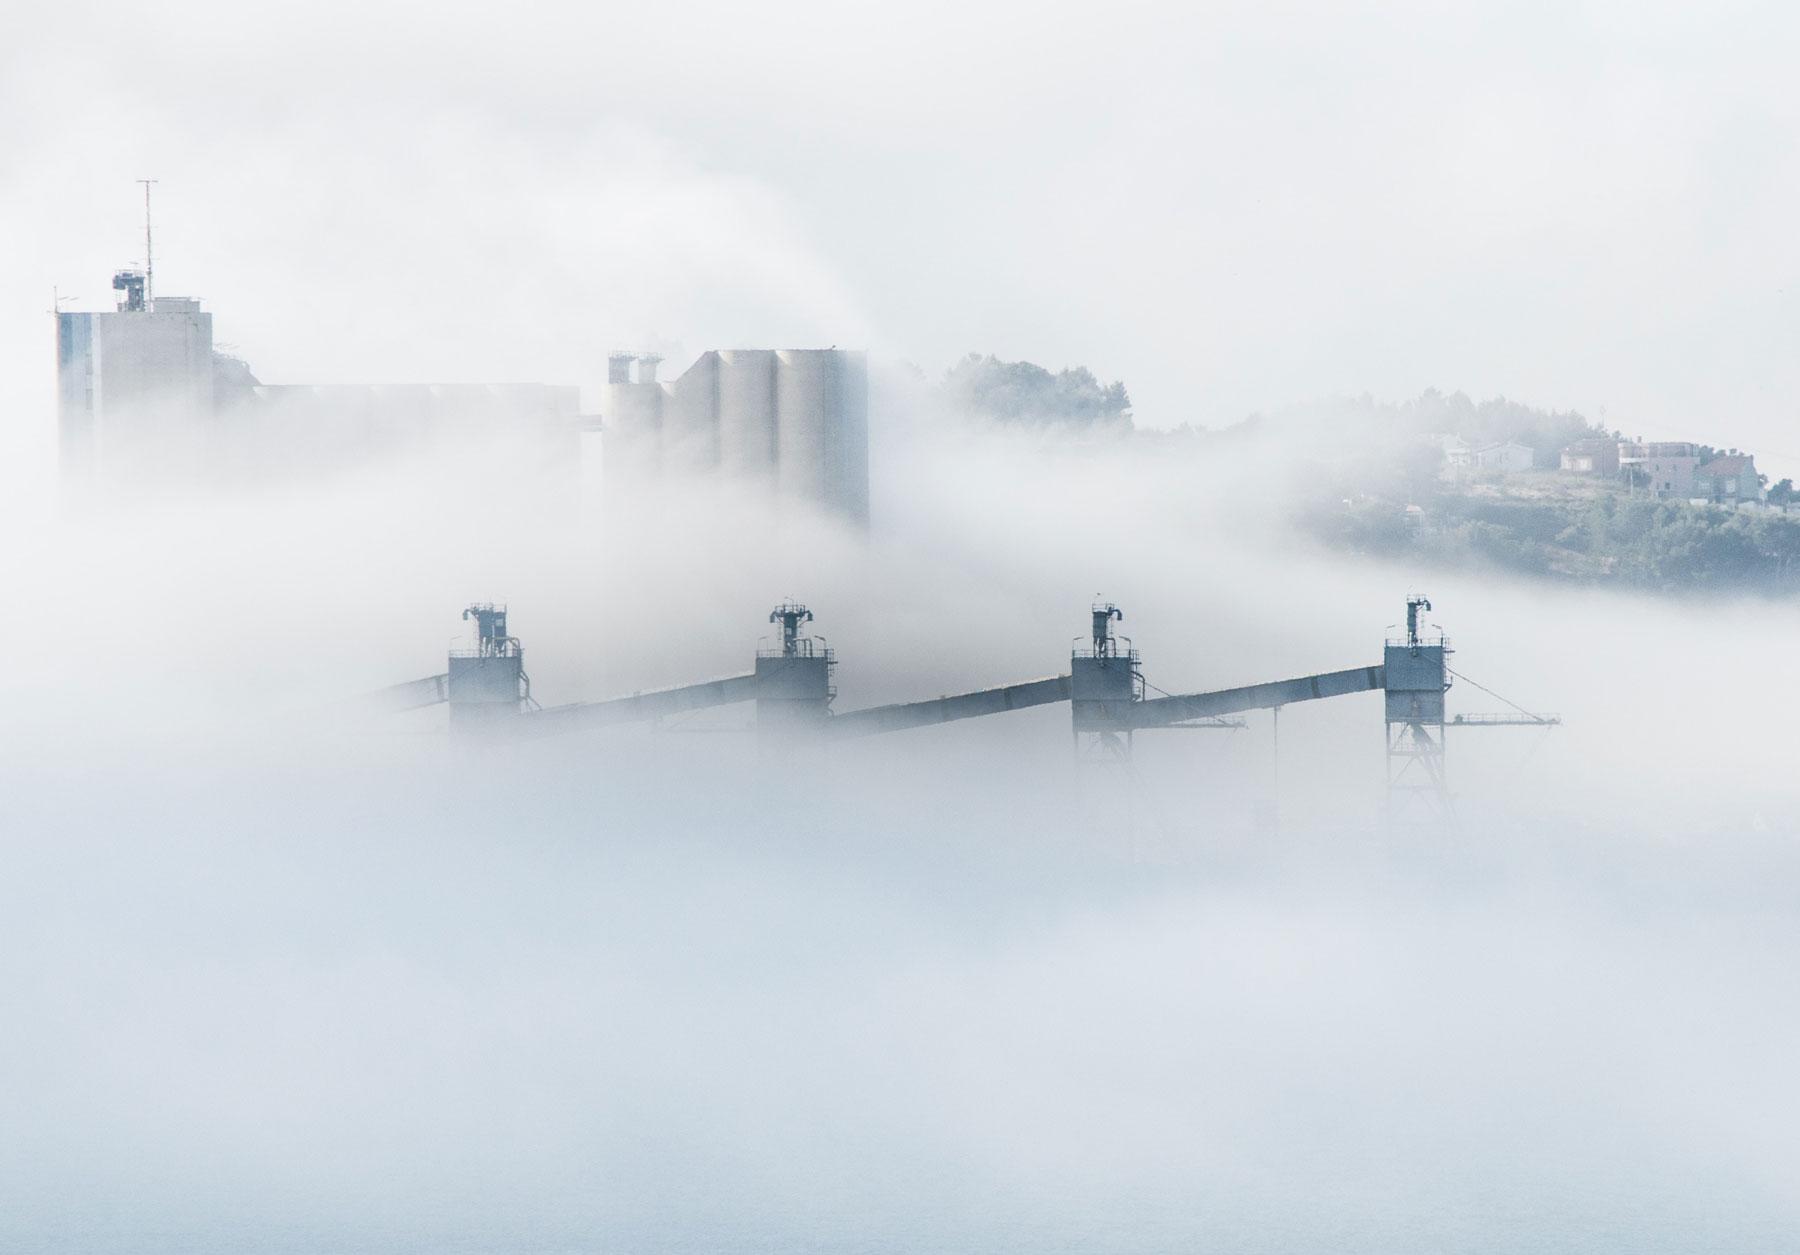 Fabrik mit Rauch